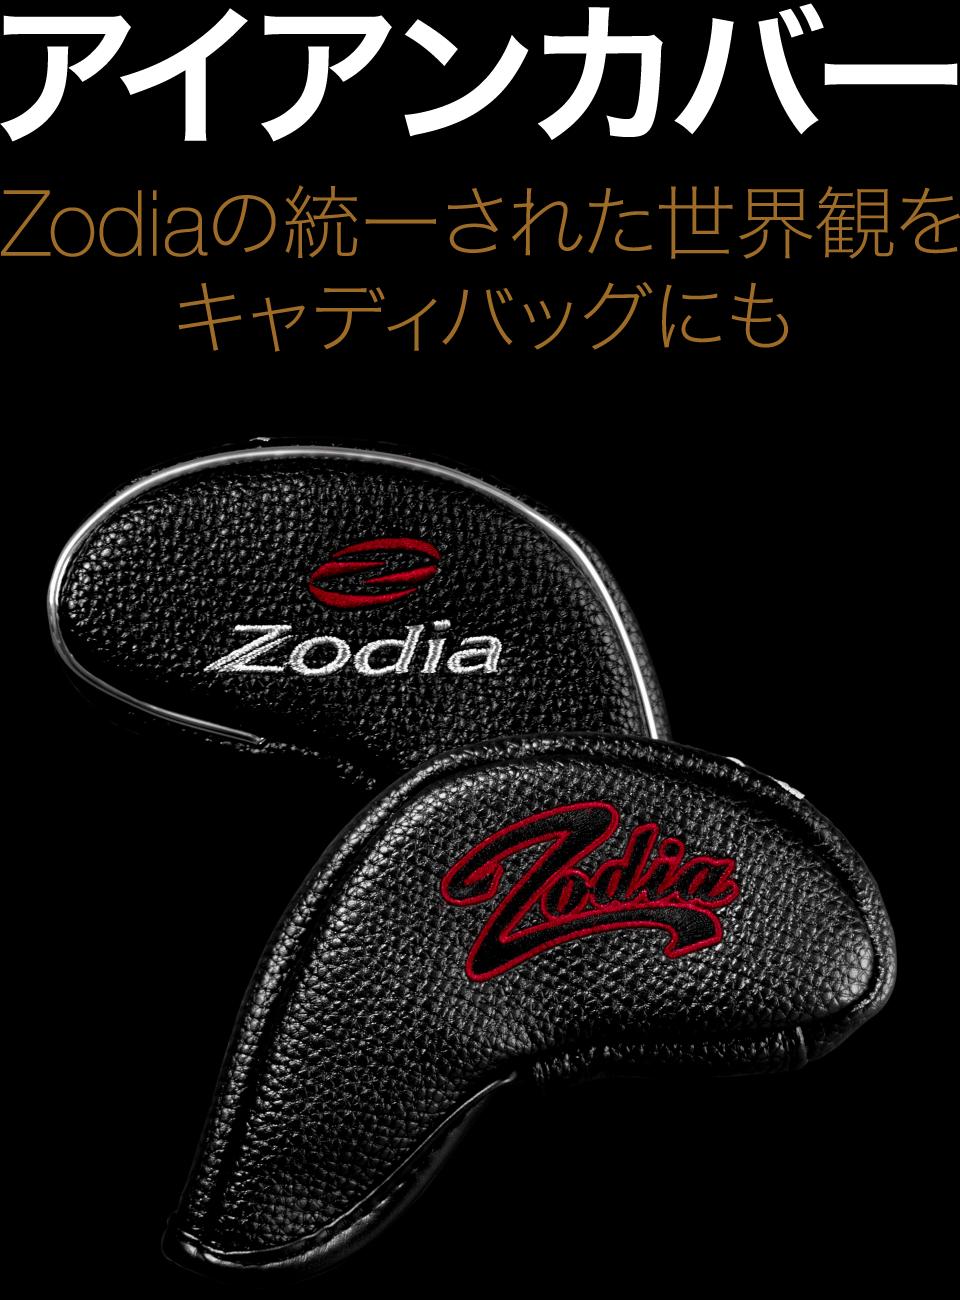 Zodiaの統一された世界観をキャディバッグにも。